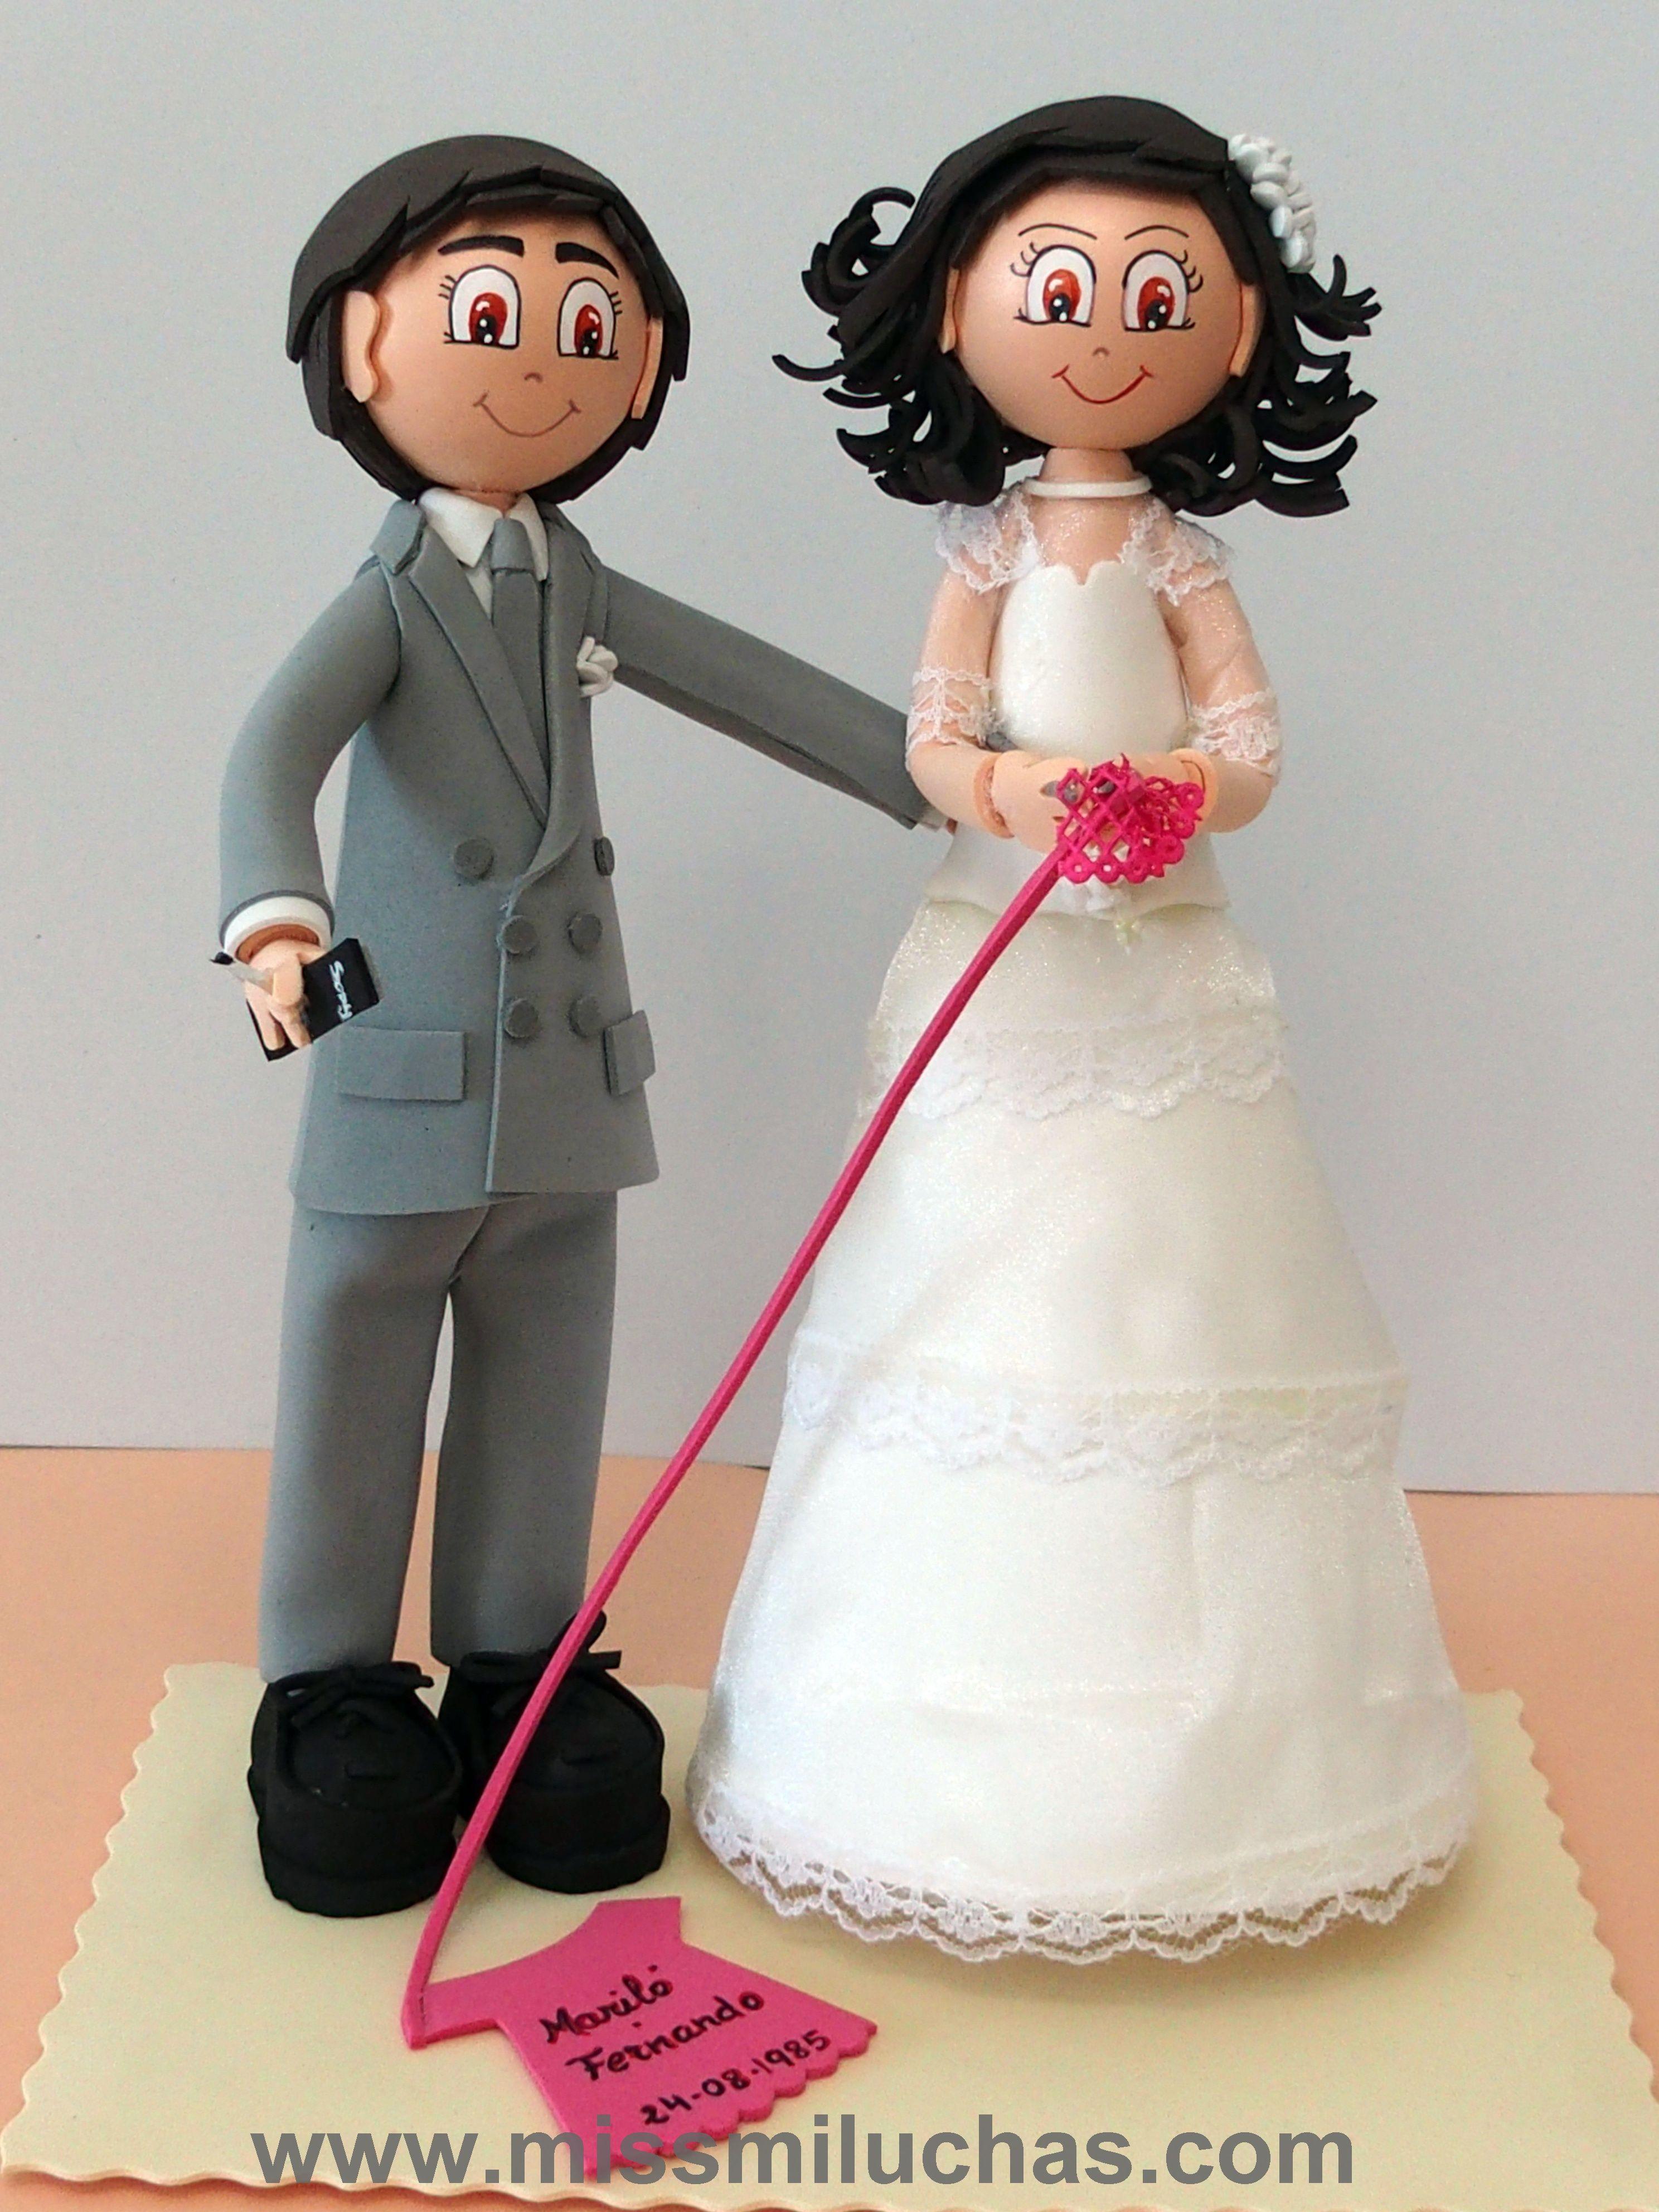 Mariló y Fernando el día que se casaron en los años 80.